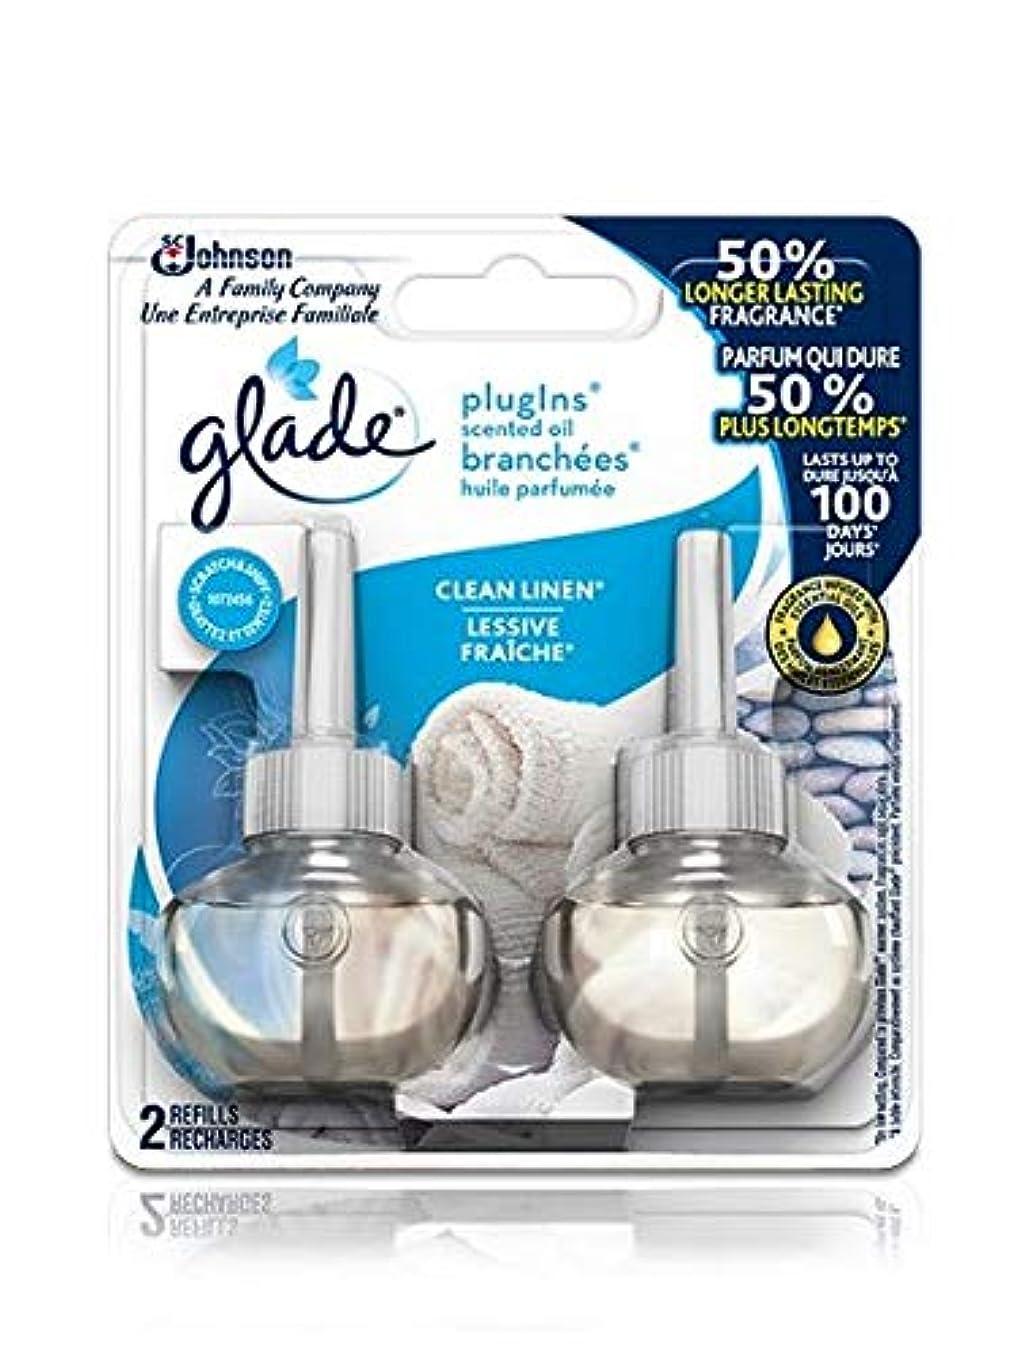 周りマイクロ生き残り【glade/グレード】 プラグインオイル 詰替え用リフィル(2個入り) クリーンリネン Glade Plugins Scented Oil Clean Linen 2 refills 1.34oz(39.6ml) [並行輸入品]